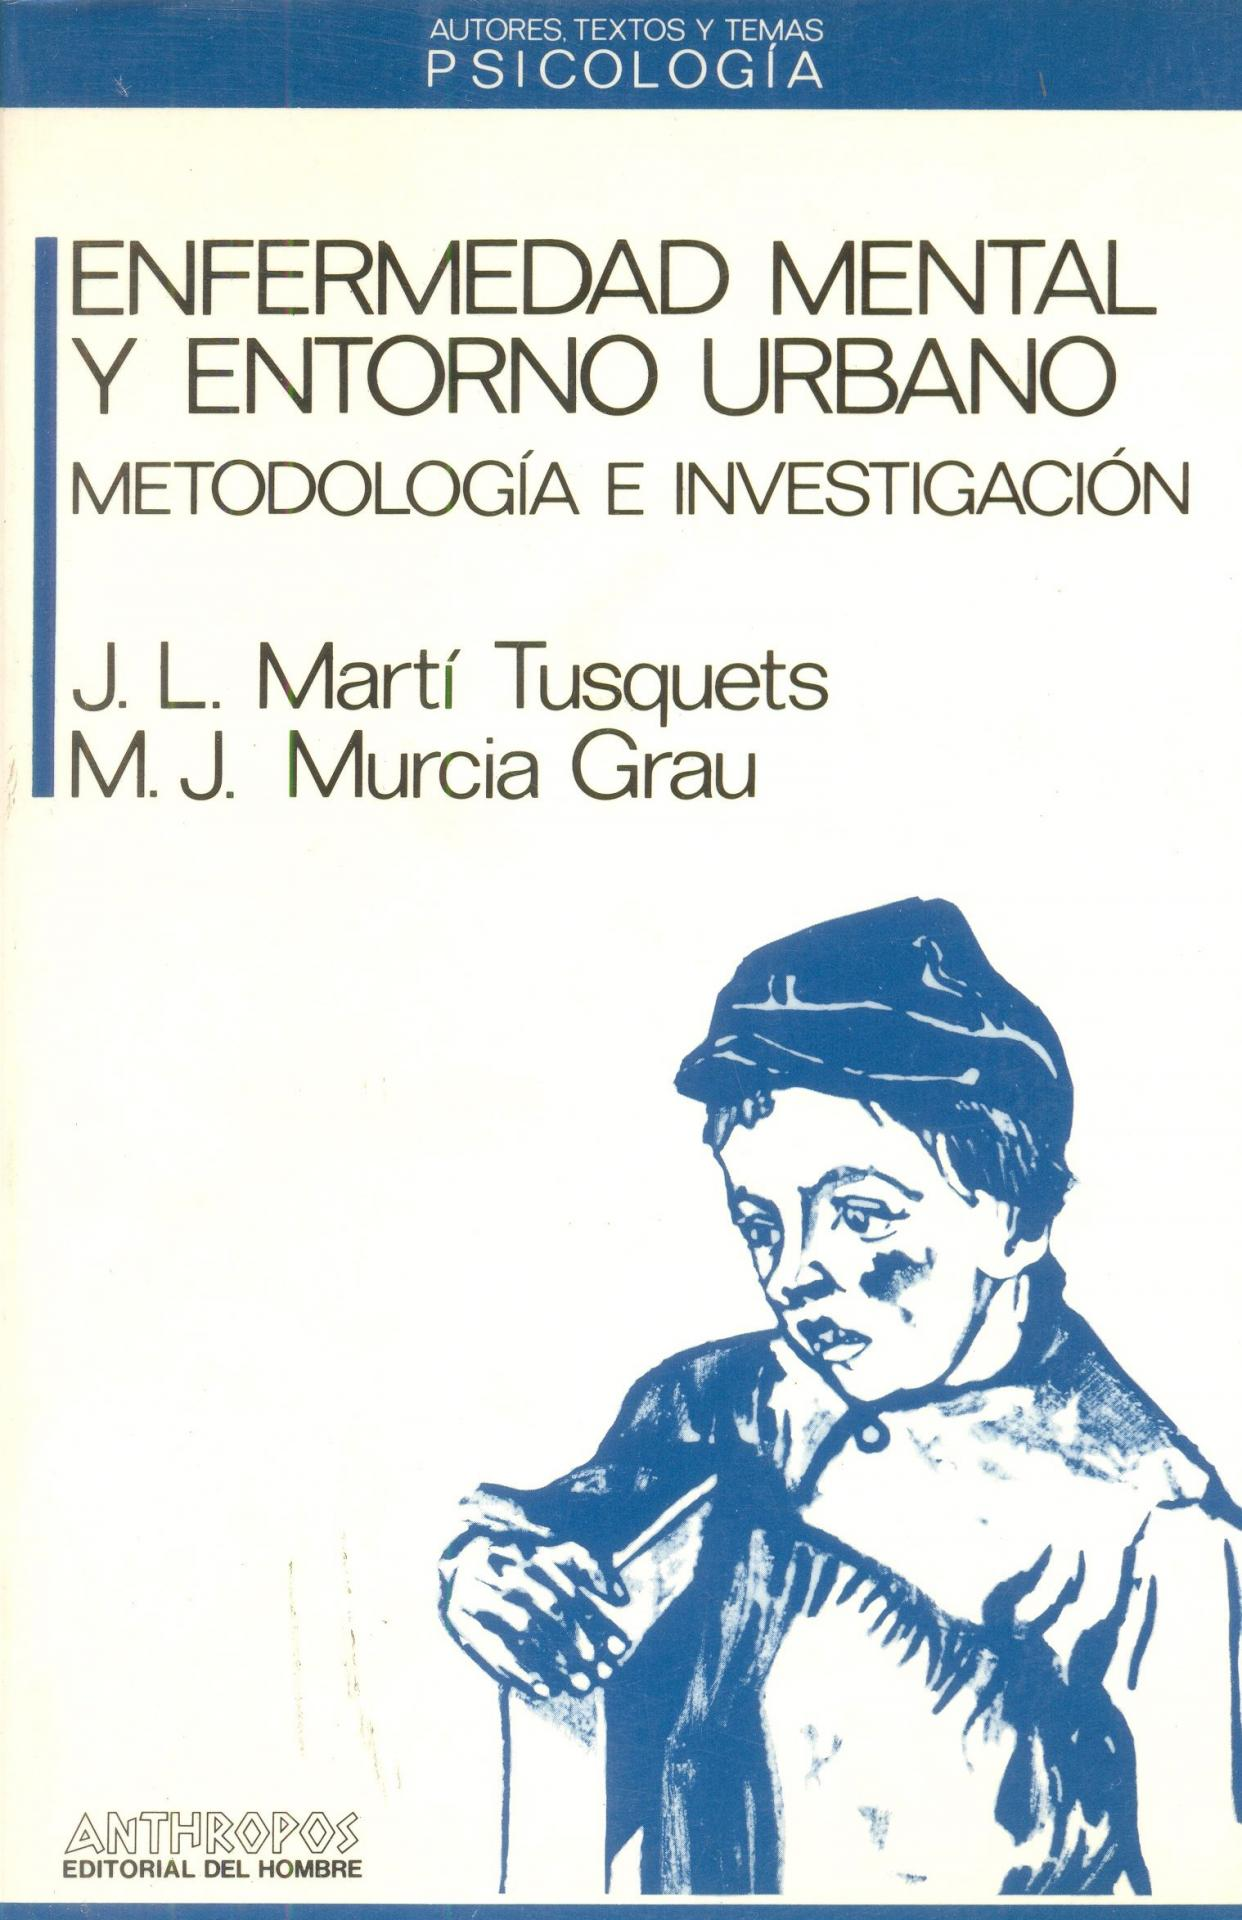 ENFERMEDAD MENTAL Y ENTORNO URBANO. Metodología e  investigación. Martí Tusquets, J.L.; Murcia Grau, M.J.